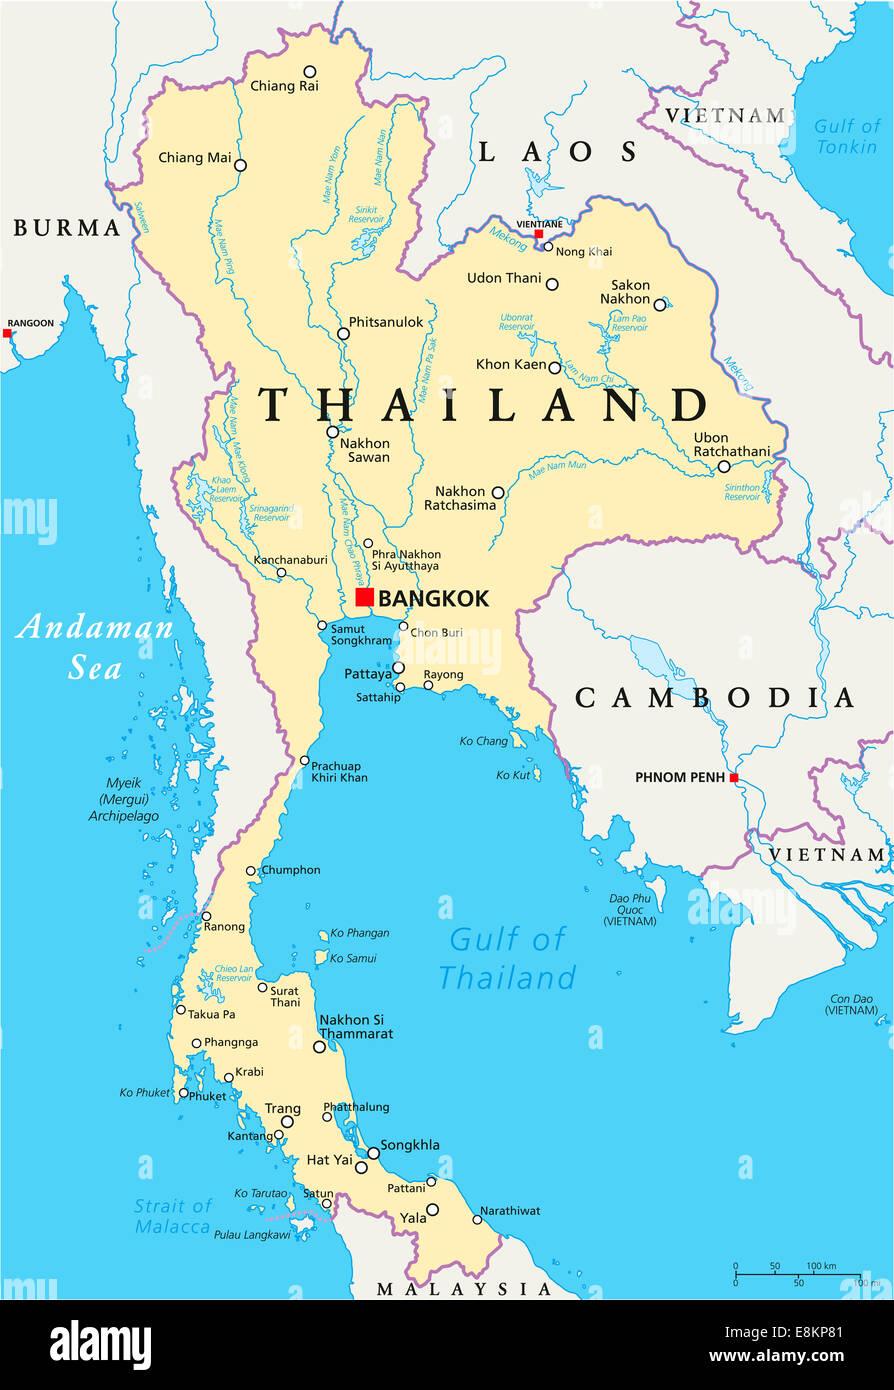 thailand landkarte mit hauptstadt bangkok landesgrenzen die wichtigsten st dte fl sse und. Black Bedroom Furniture Sets. Home Design Ideas